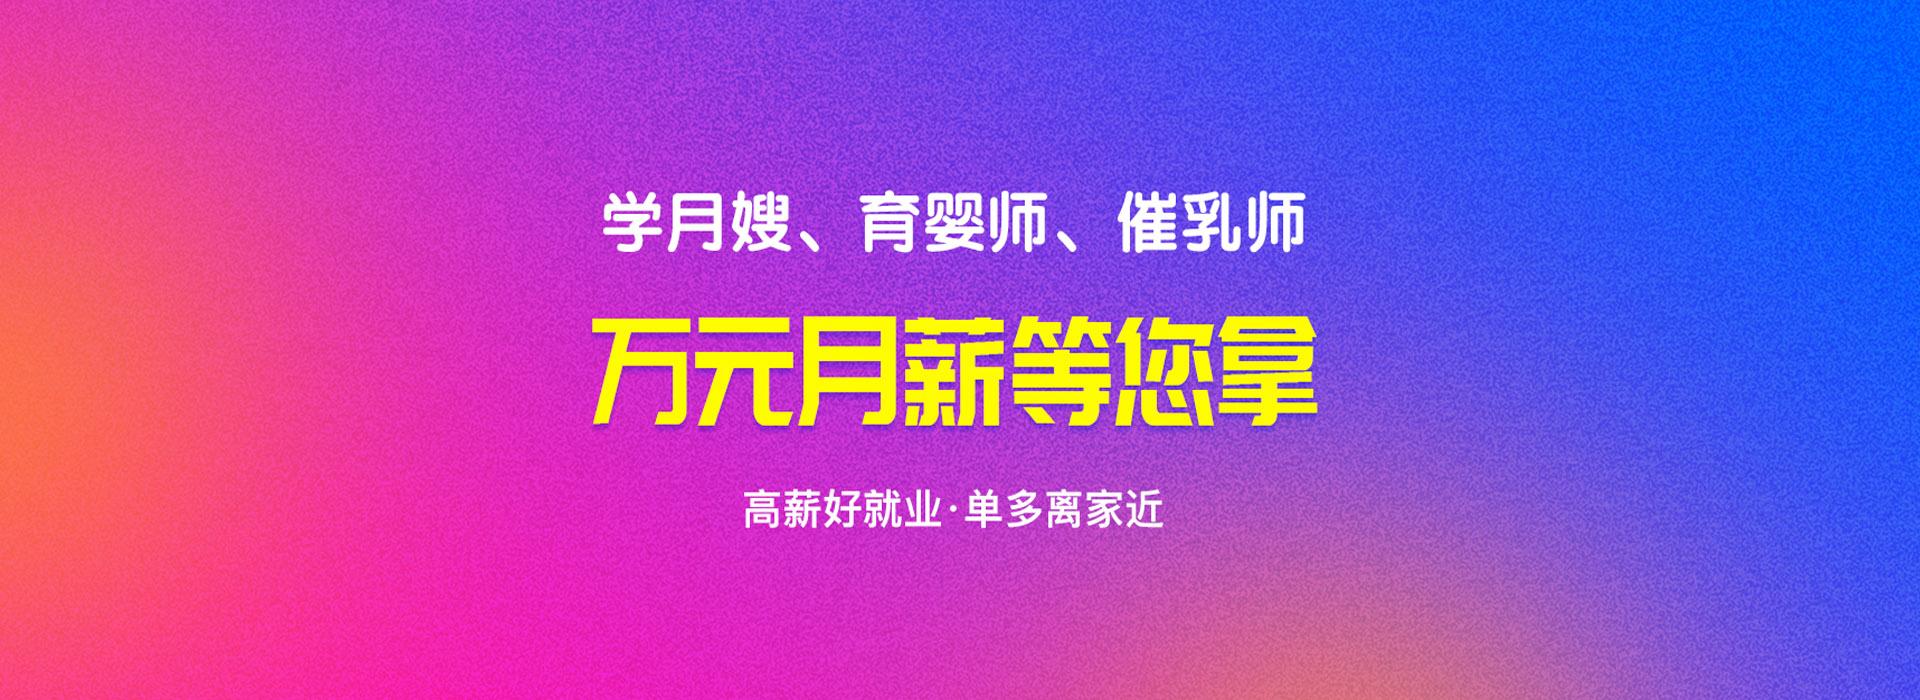 月嫂、育婴师、新万博苹果下载官方网站师